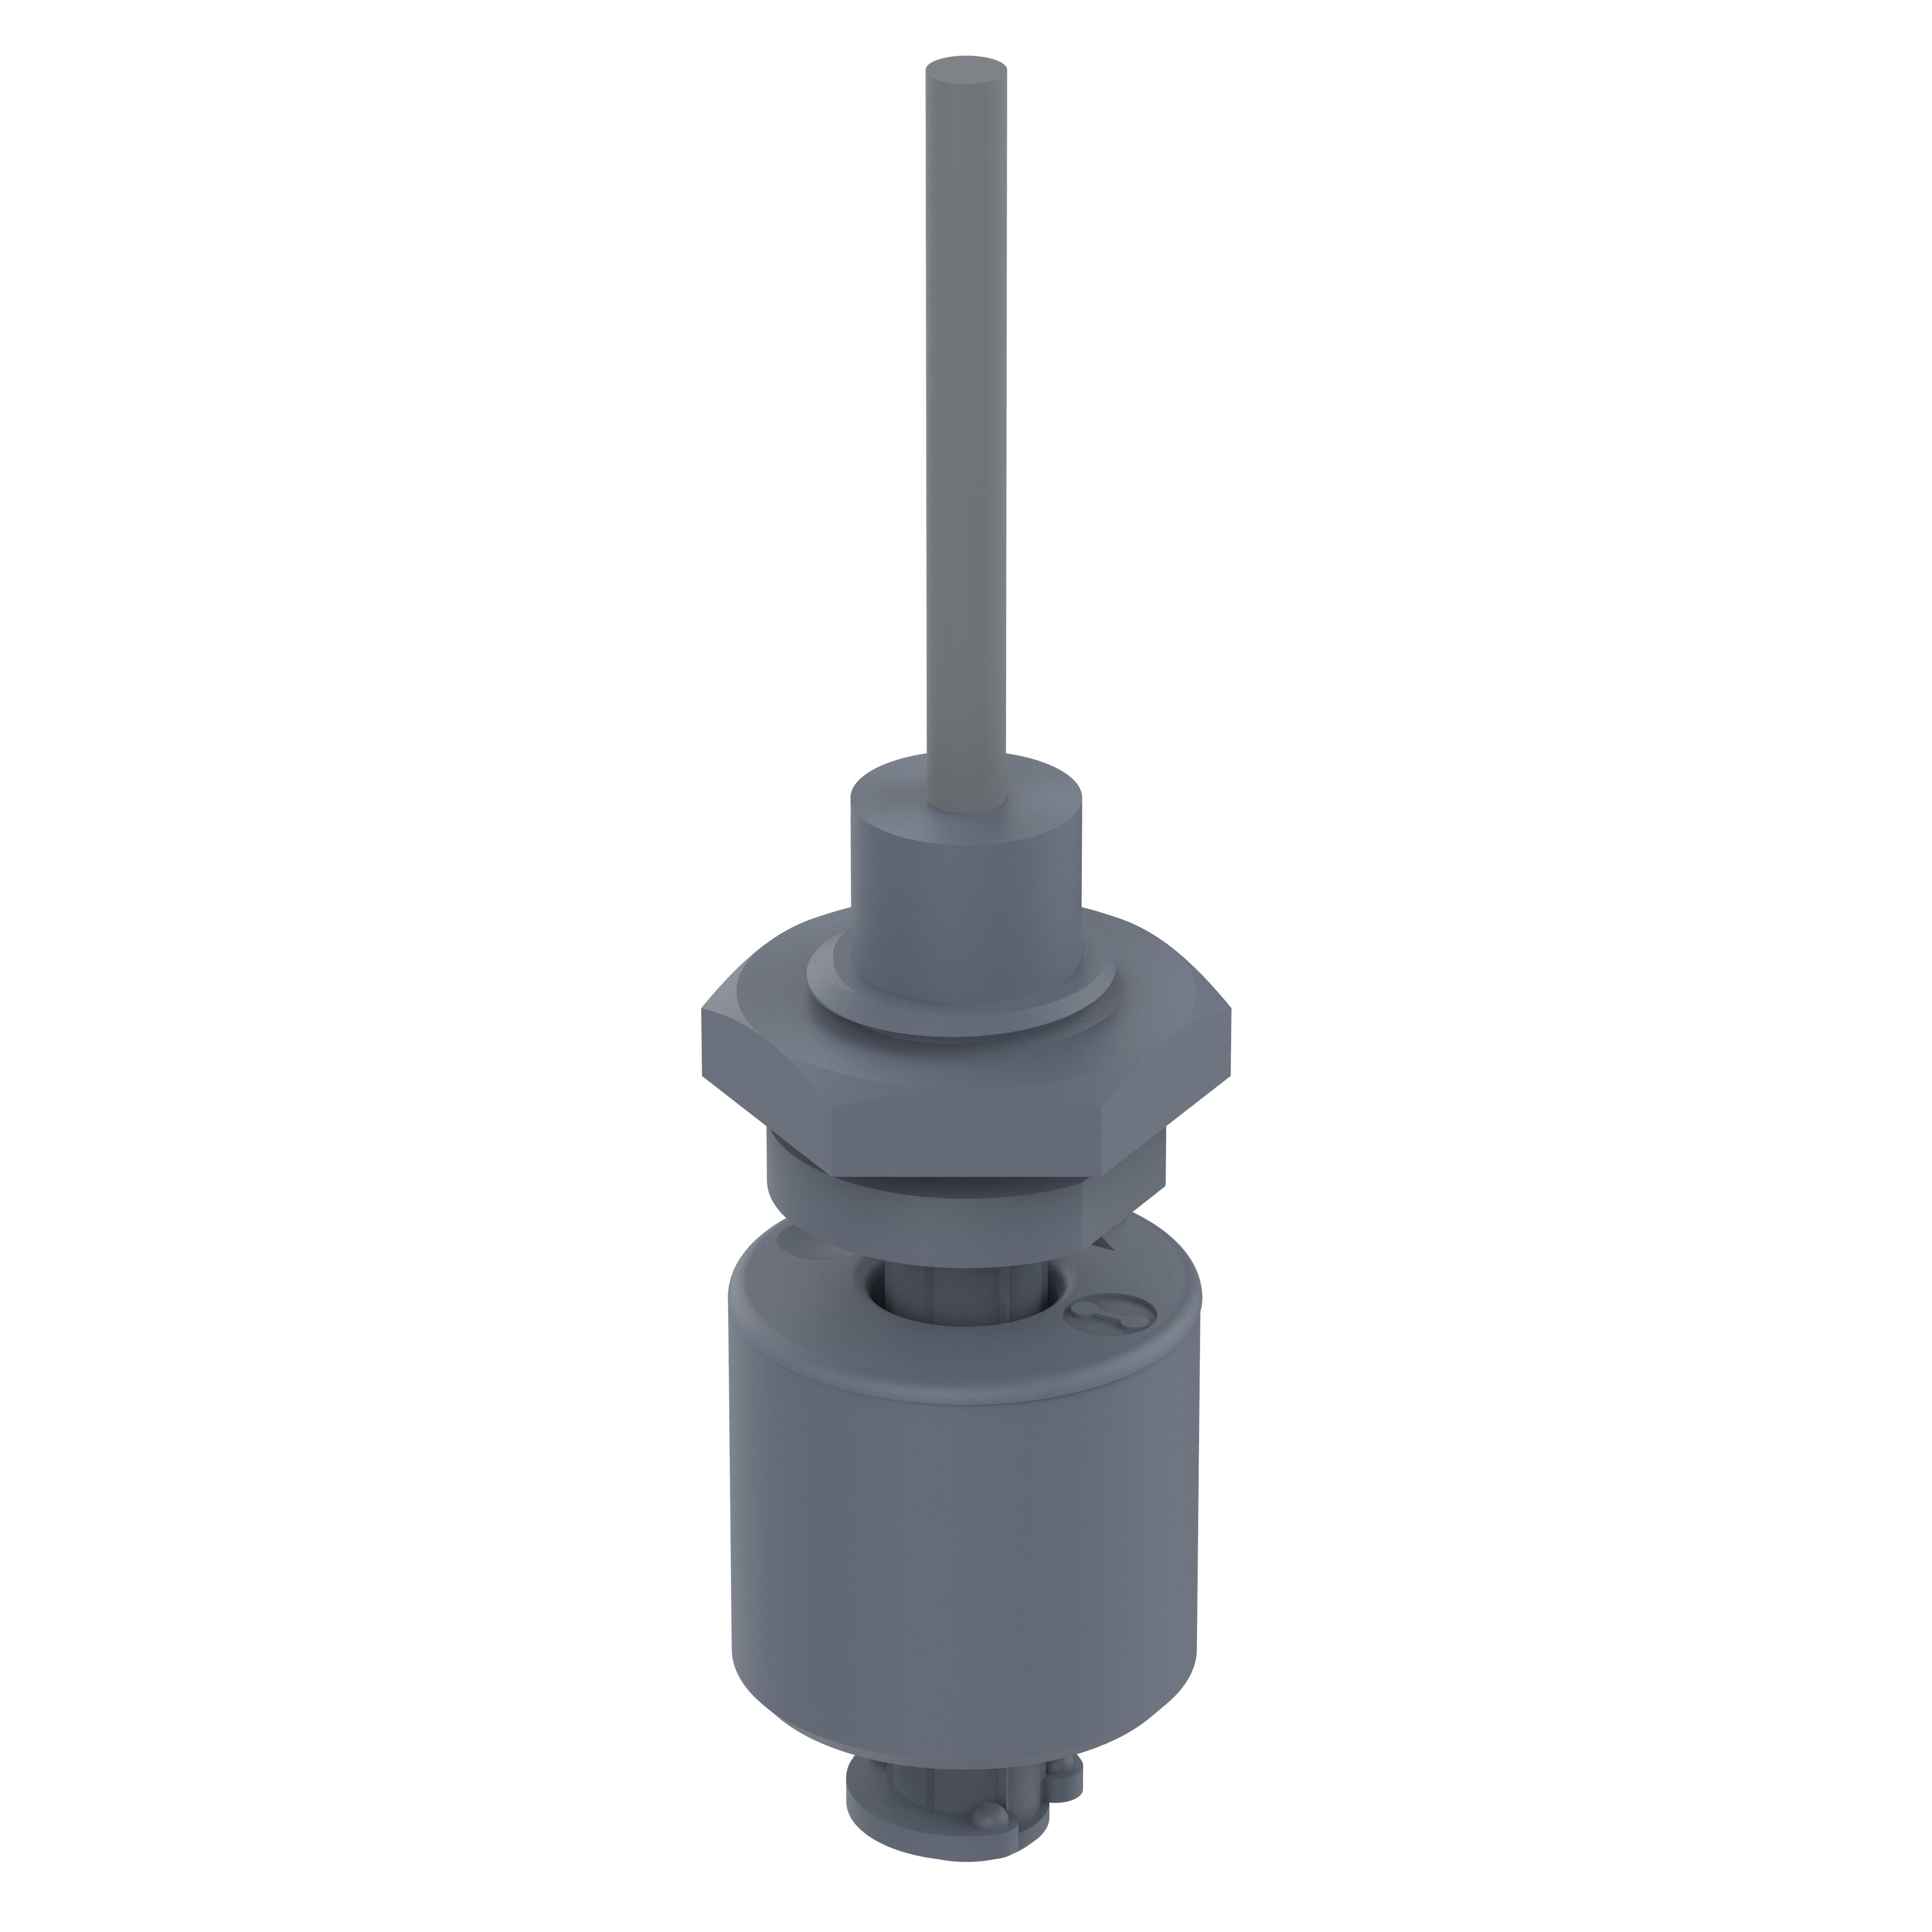 Miniatur Schwimmerschalter - 201010-5 - Schließer, 48V, PVC, Gewinde PG3/8, 5m Kabel